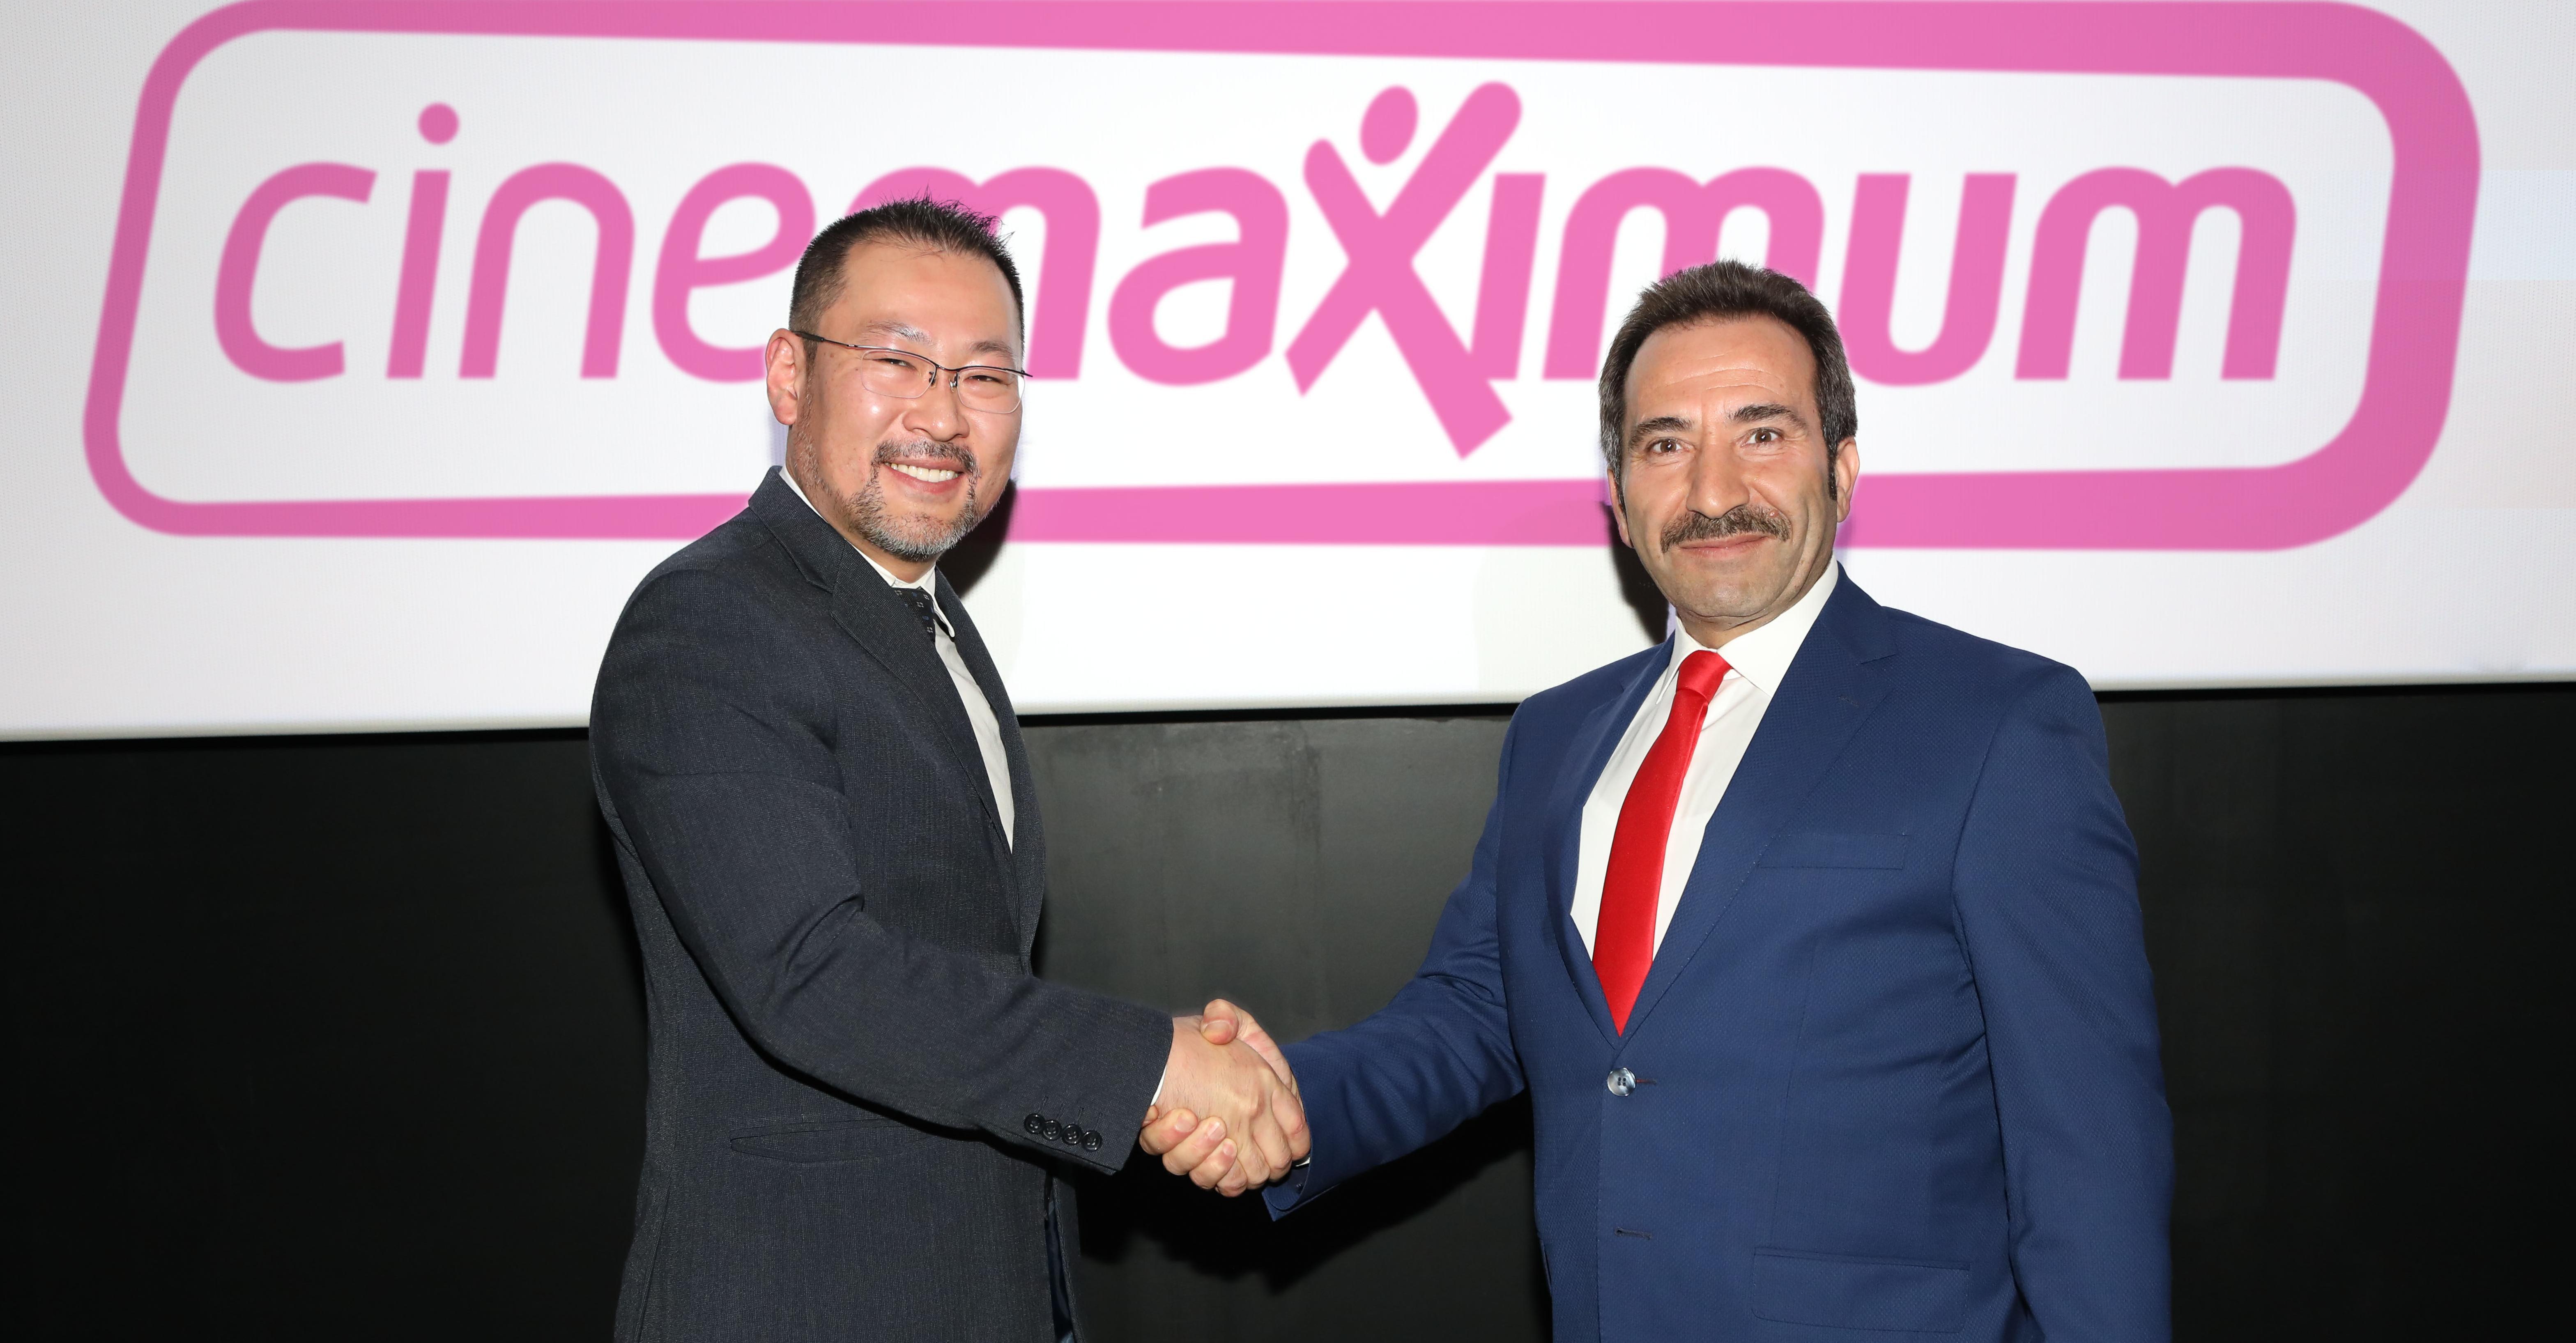 Bingöl'ün ilk Mardin'in ikinci Cinemaximum'u Açıldı!